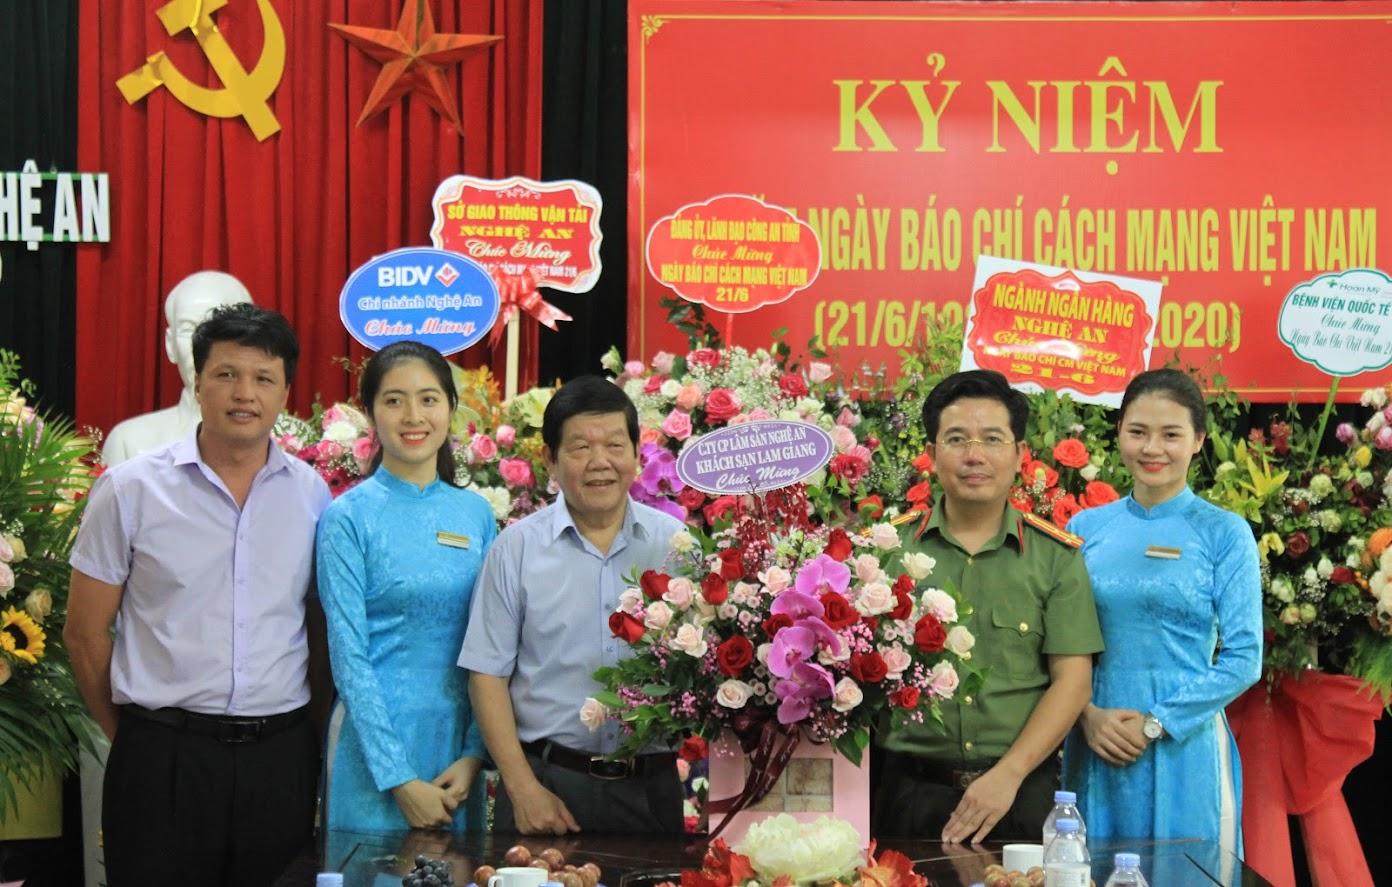 Khách sạn Lam Giang chúc mừng